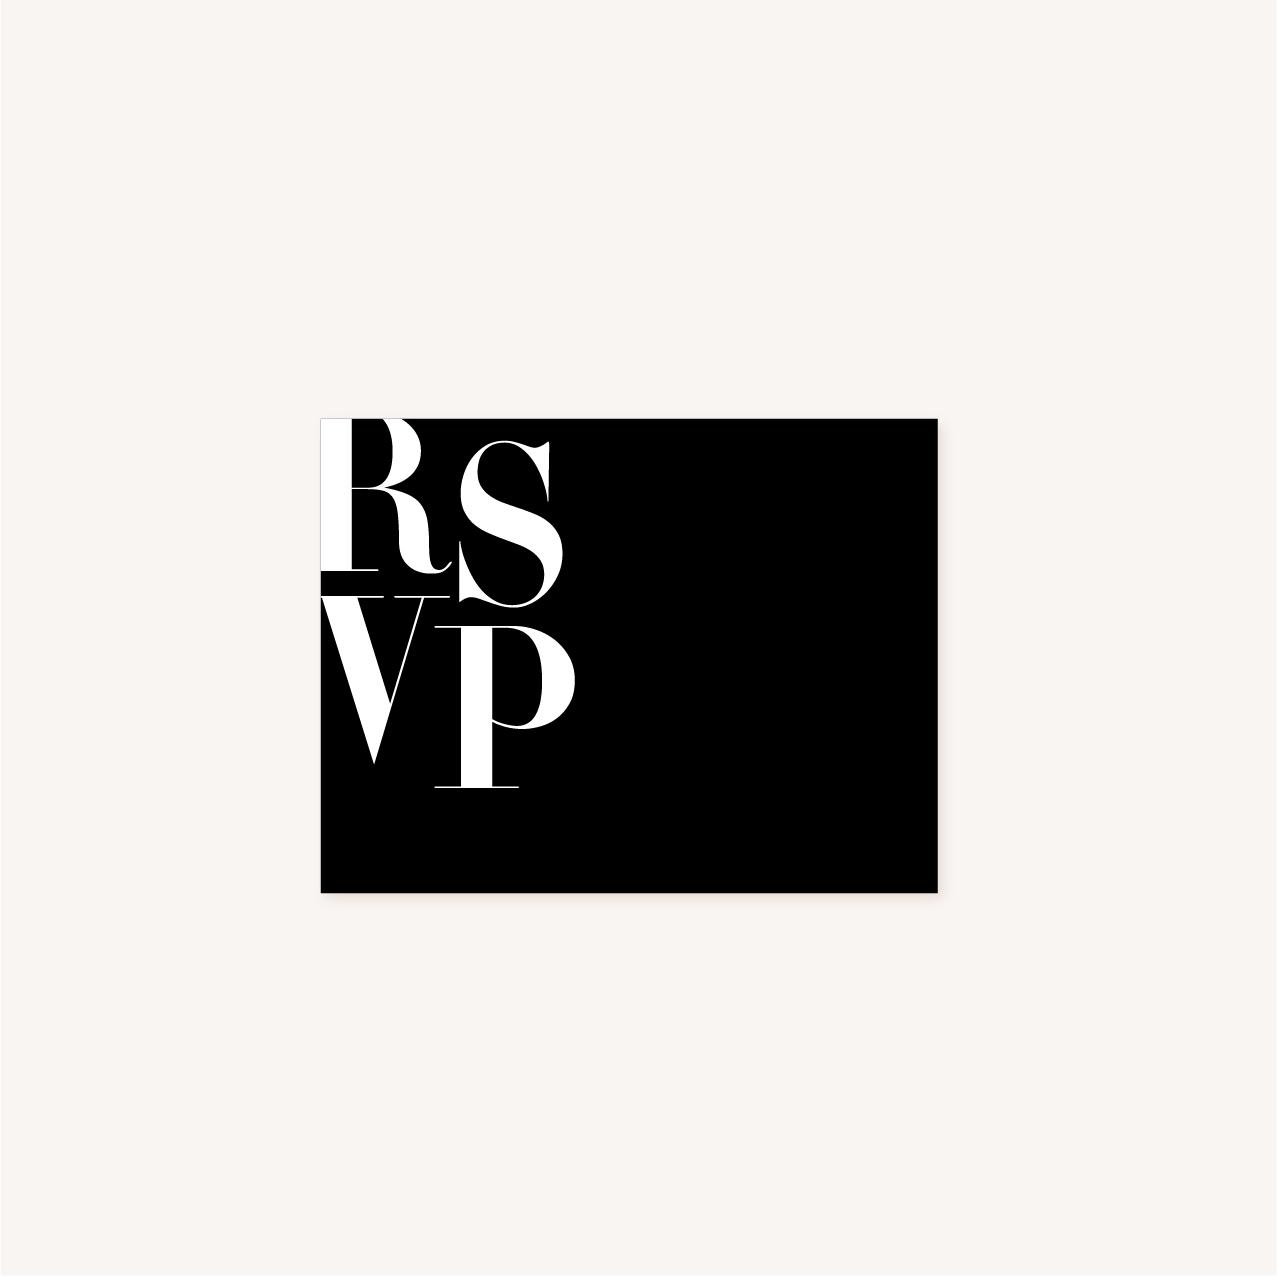 RSVP black and white noir et blanc moderne lettering innovant graphique